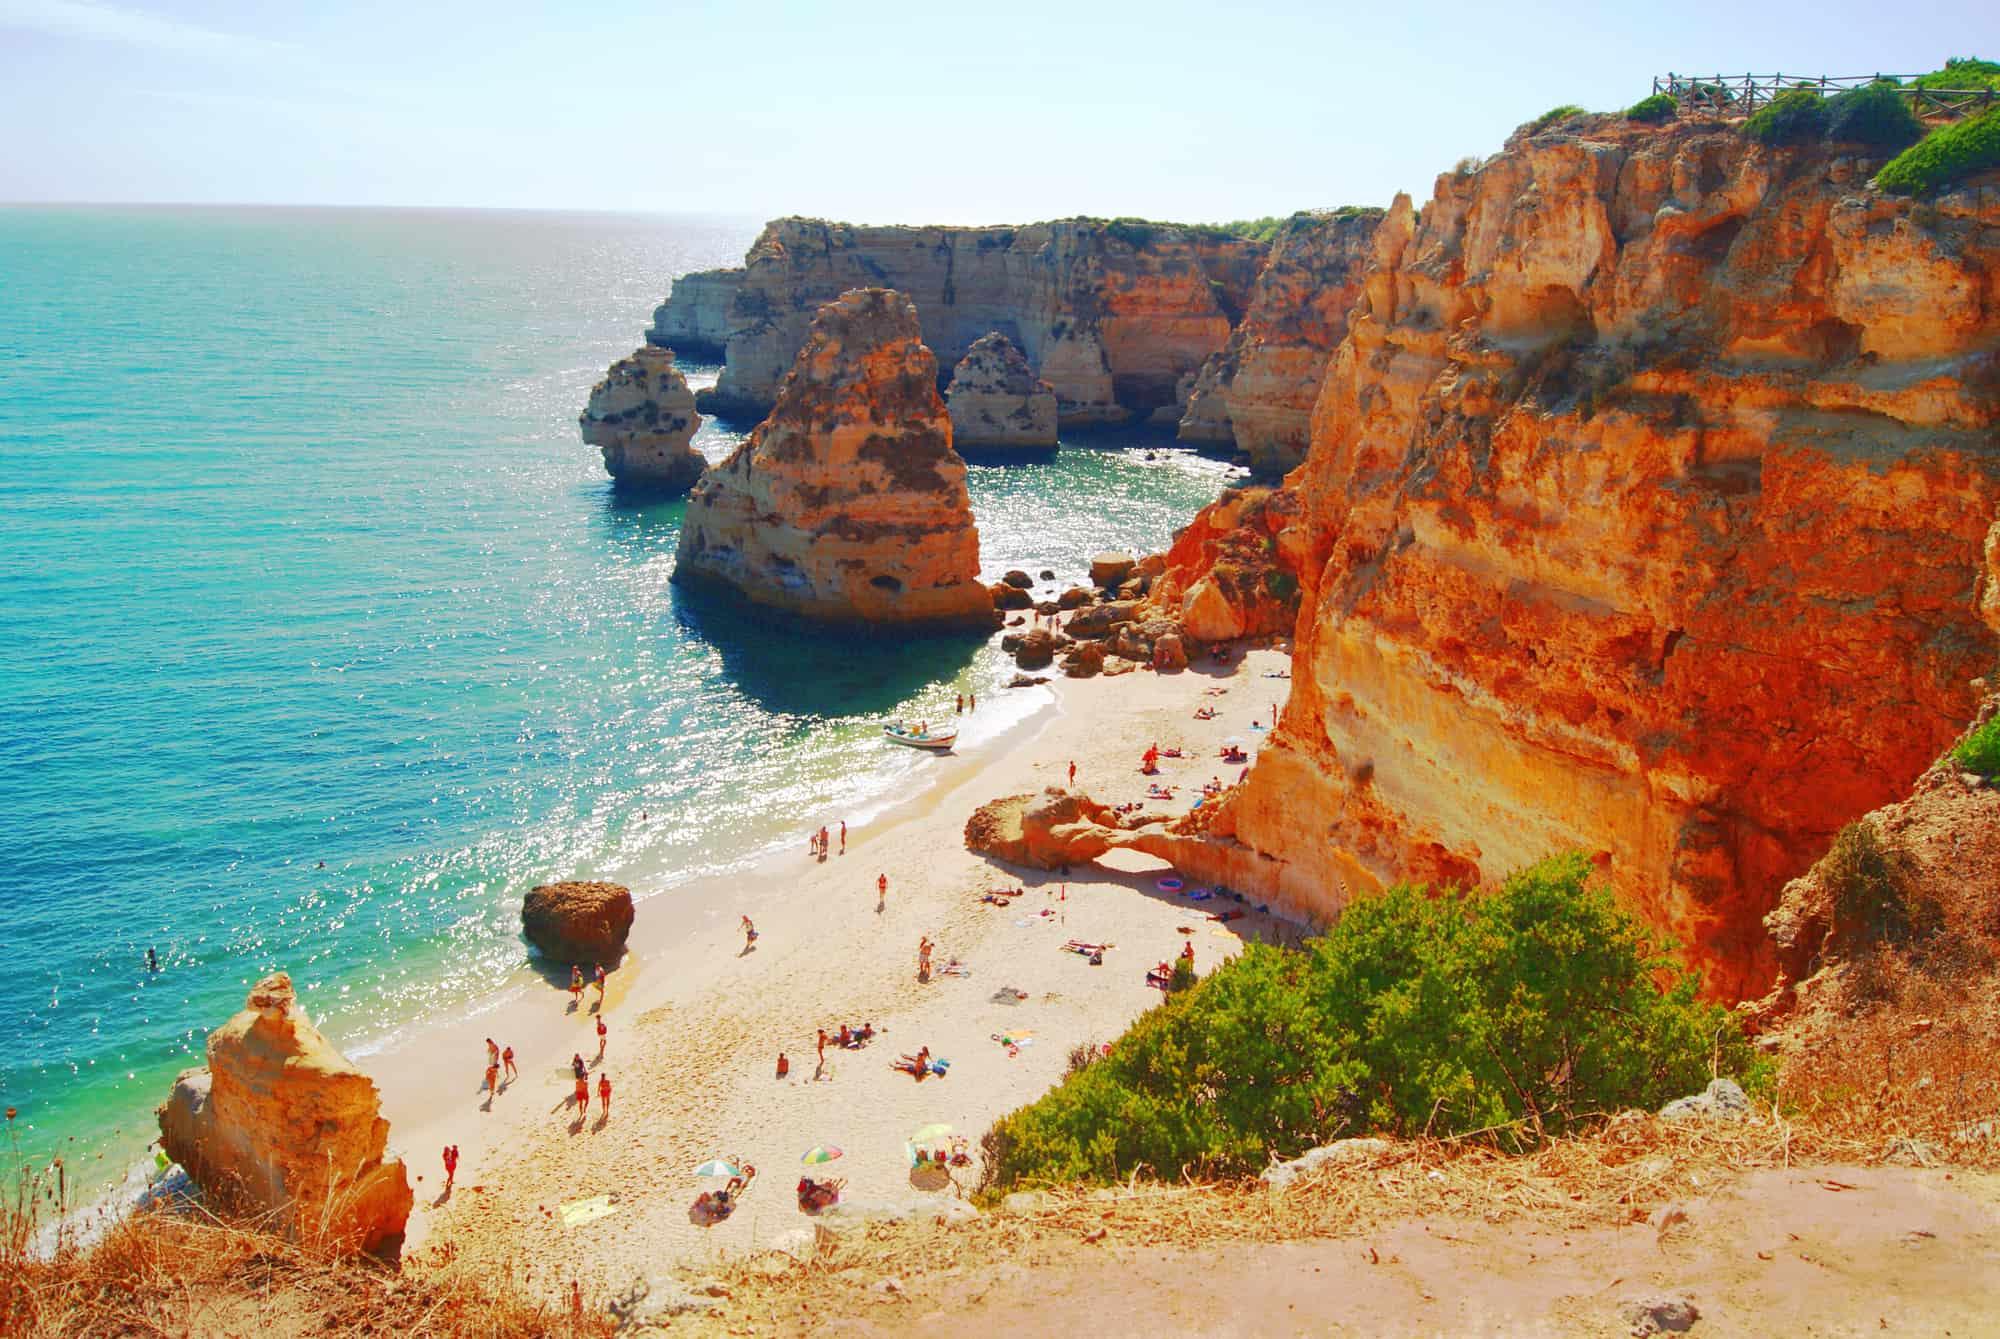 praia da marinha w Algarve